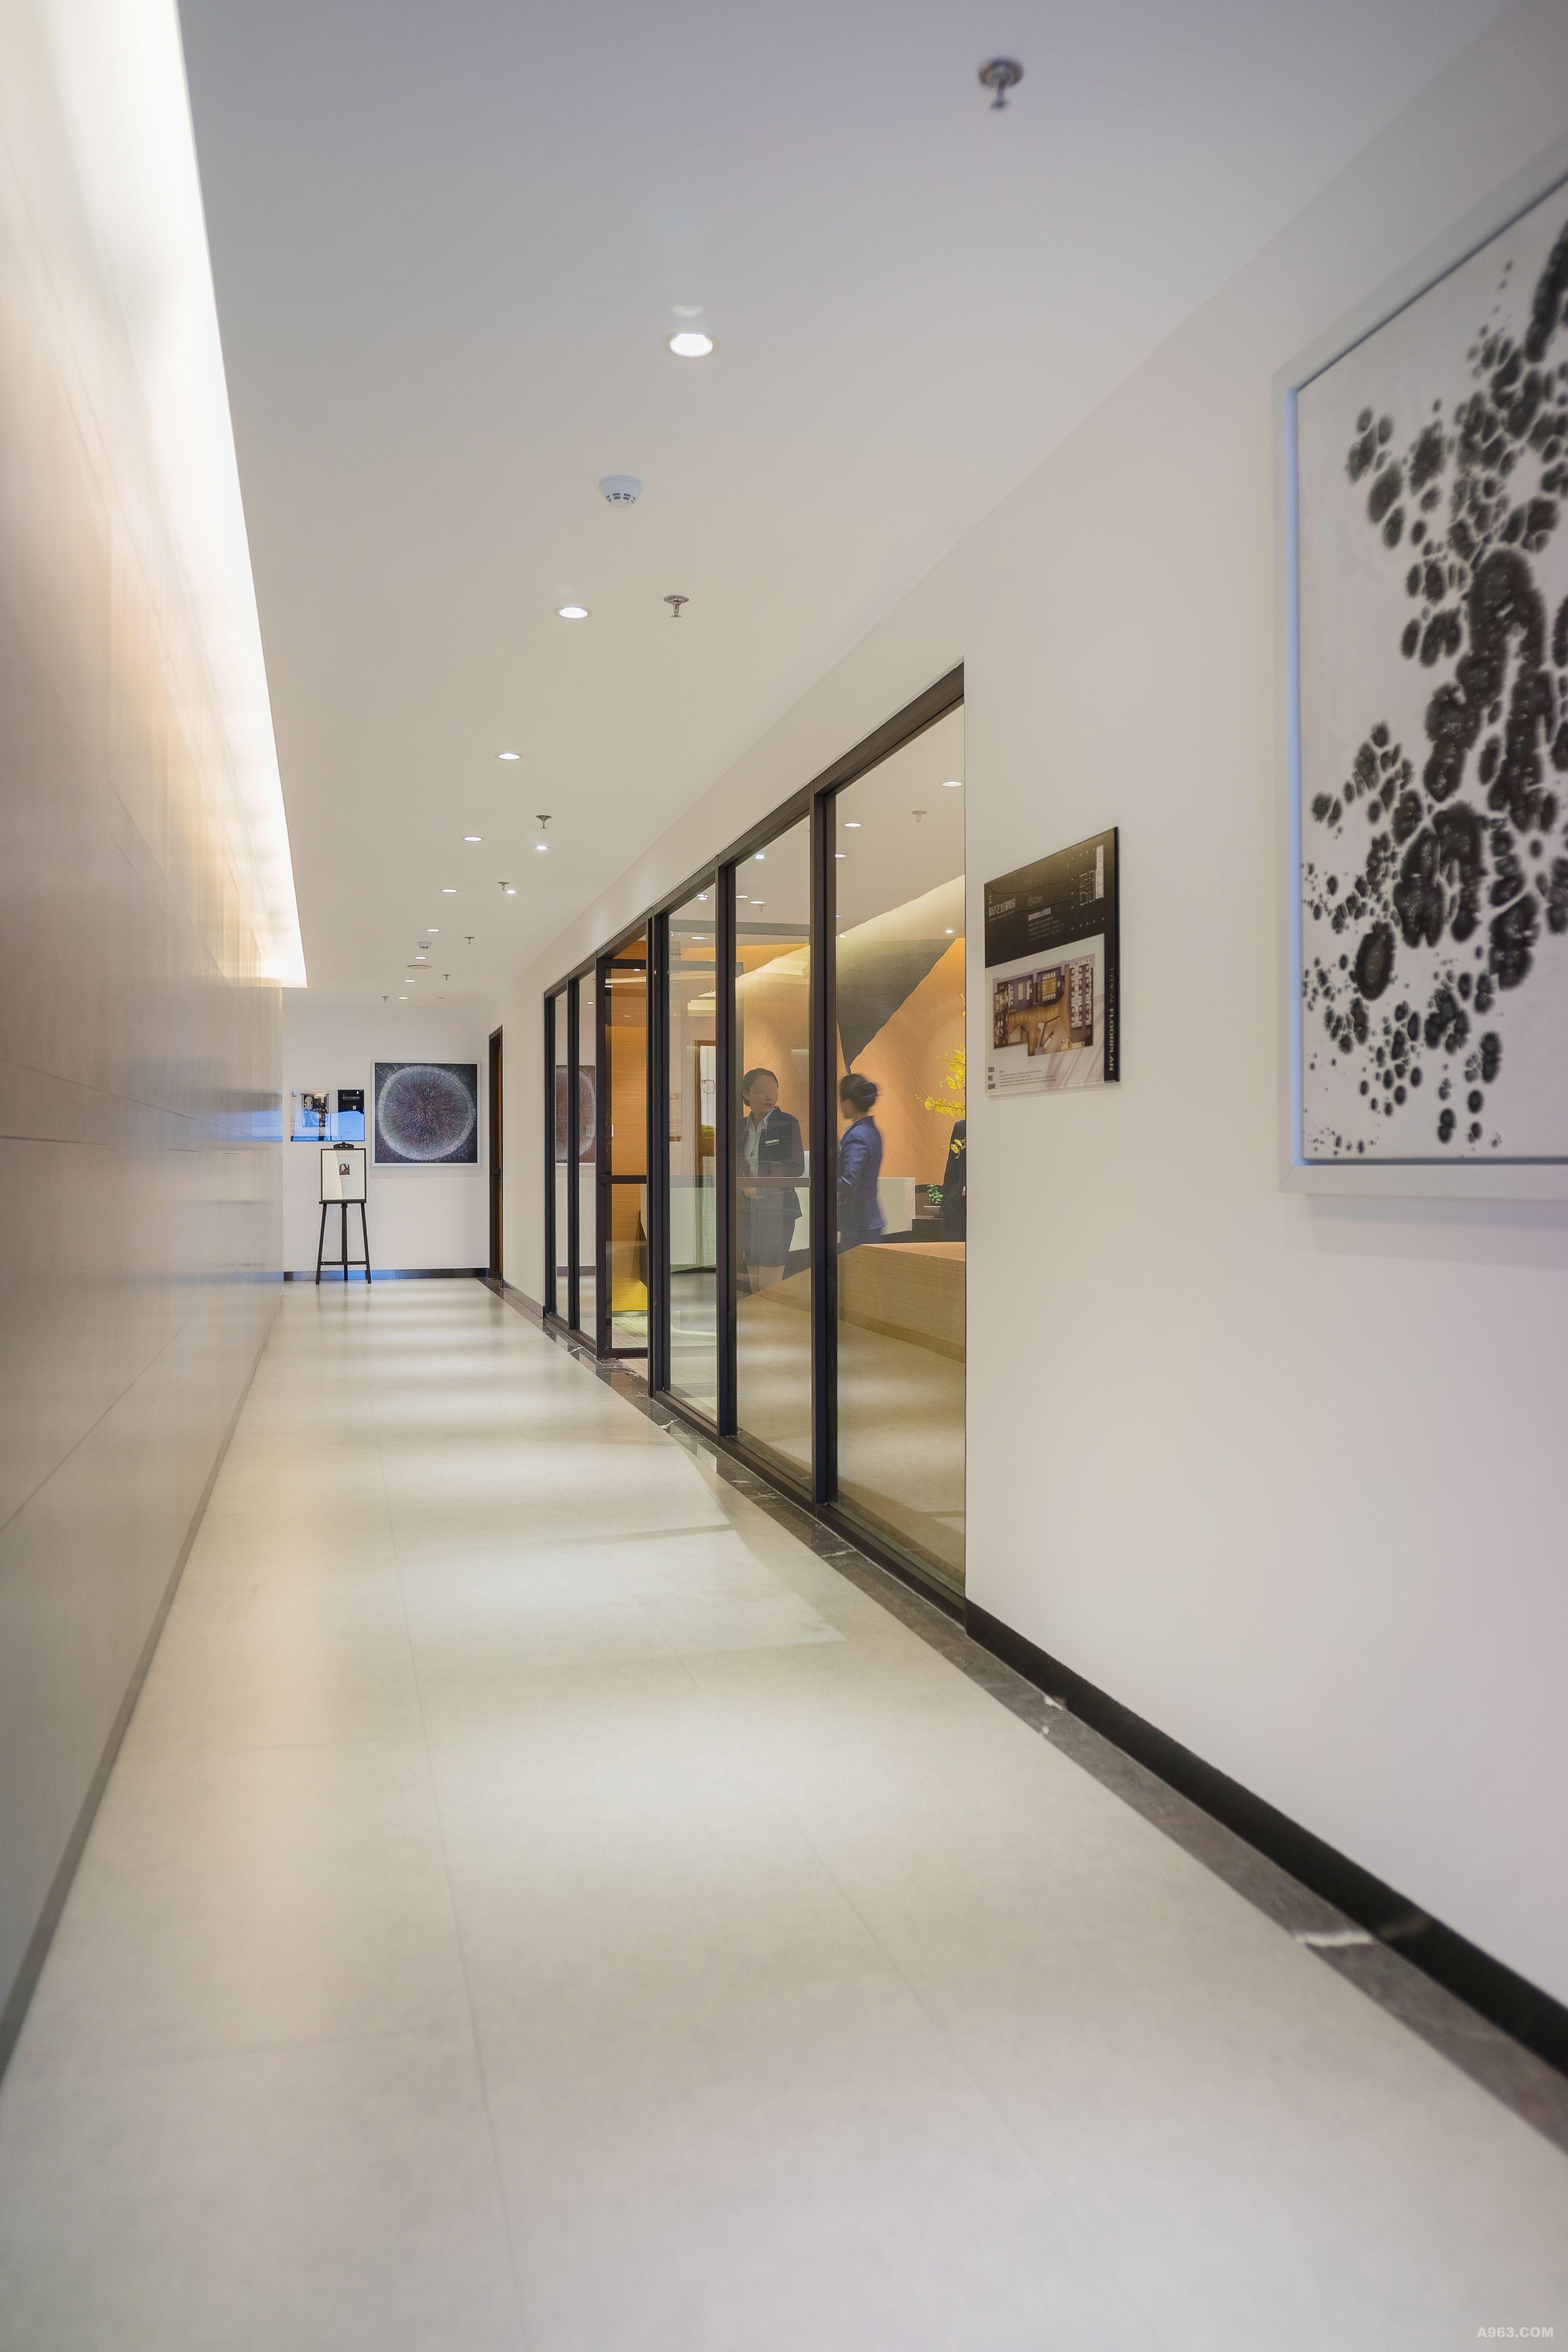 创客公司的办公室在设计风格上一定要有用具有生命力,激发人的创业